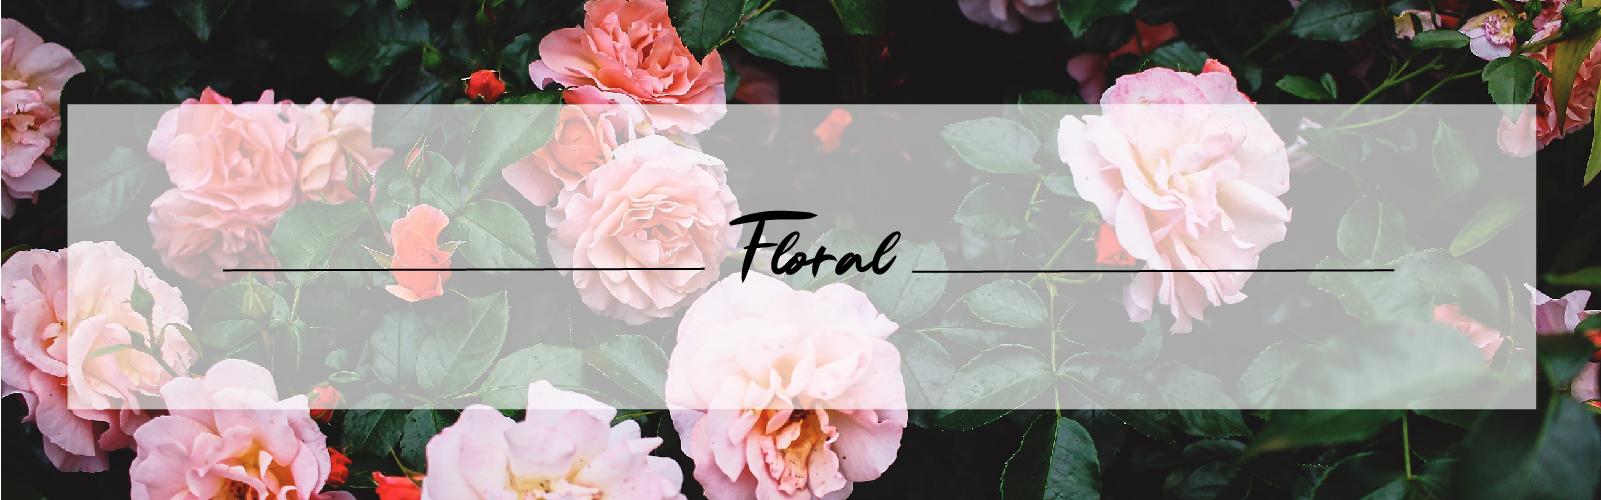 Floral 1st